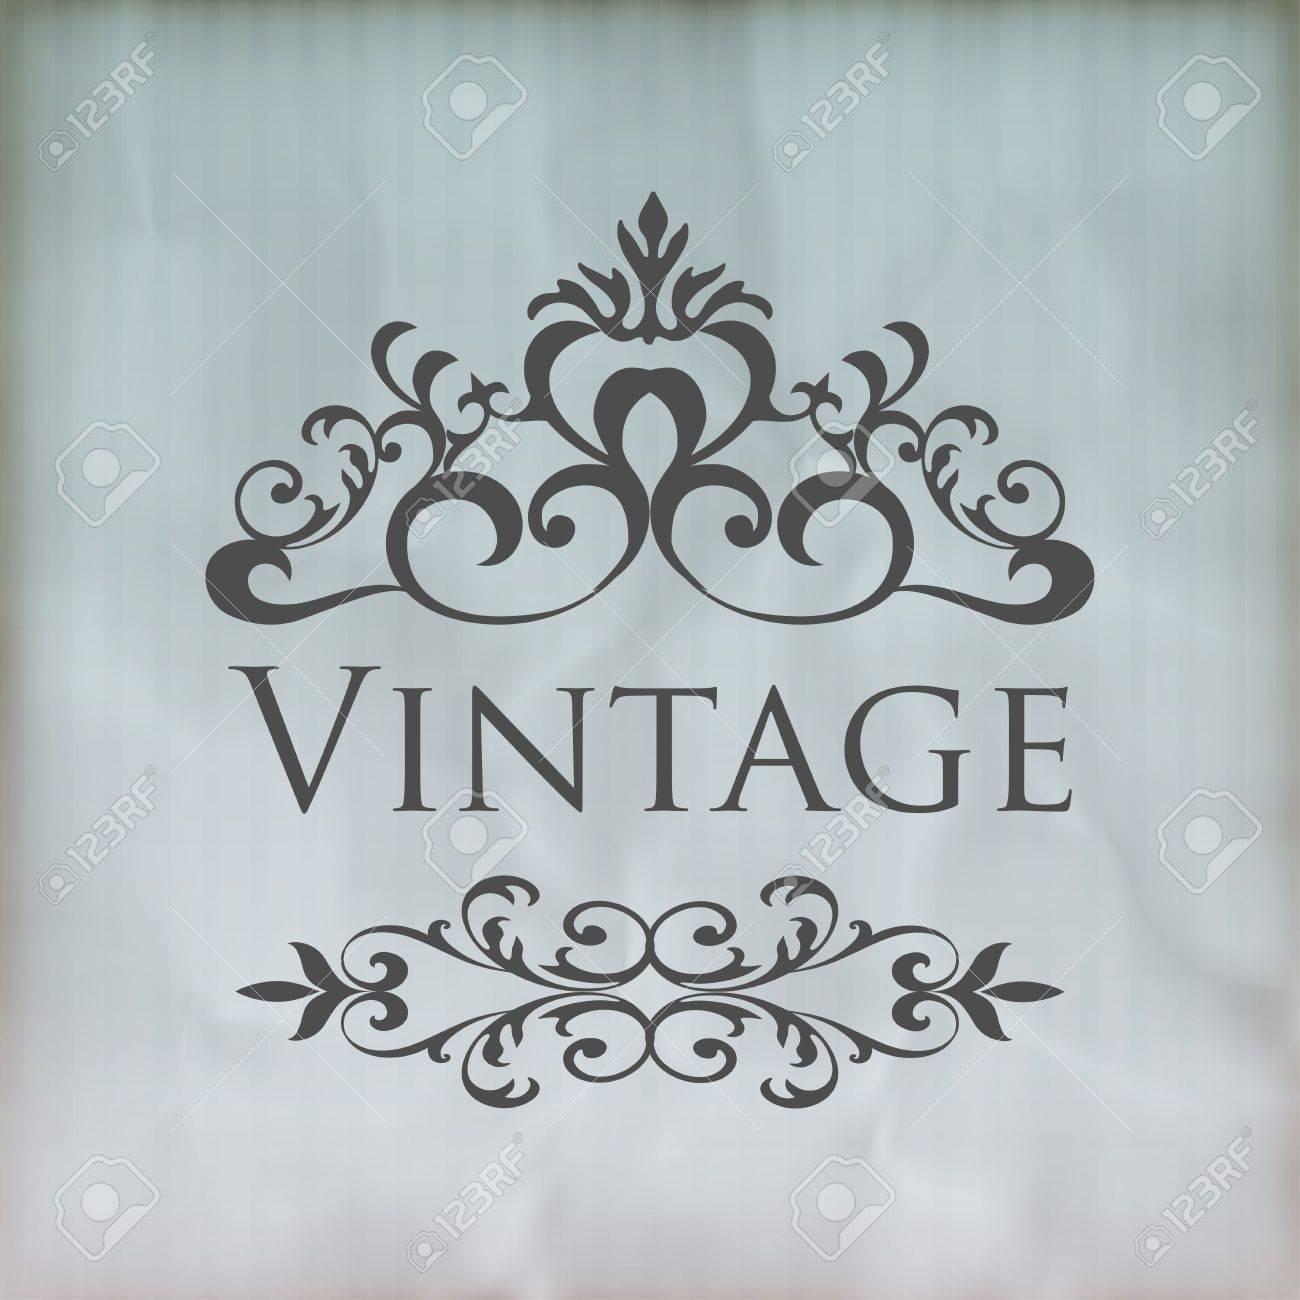 Vintage vector floral frame Stock Vector - 20244670